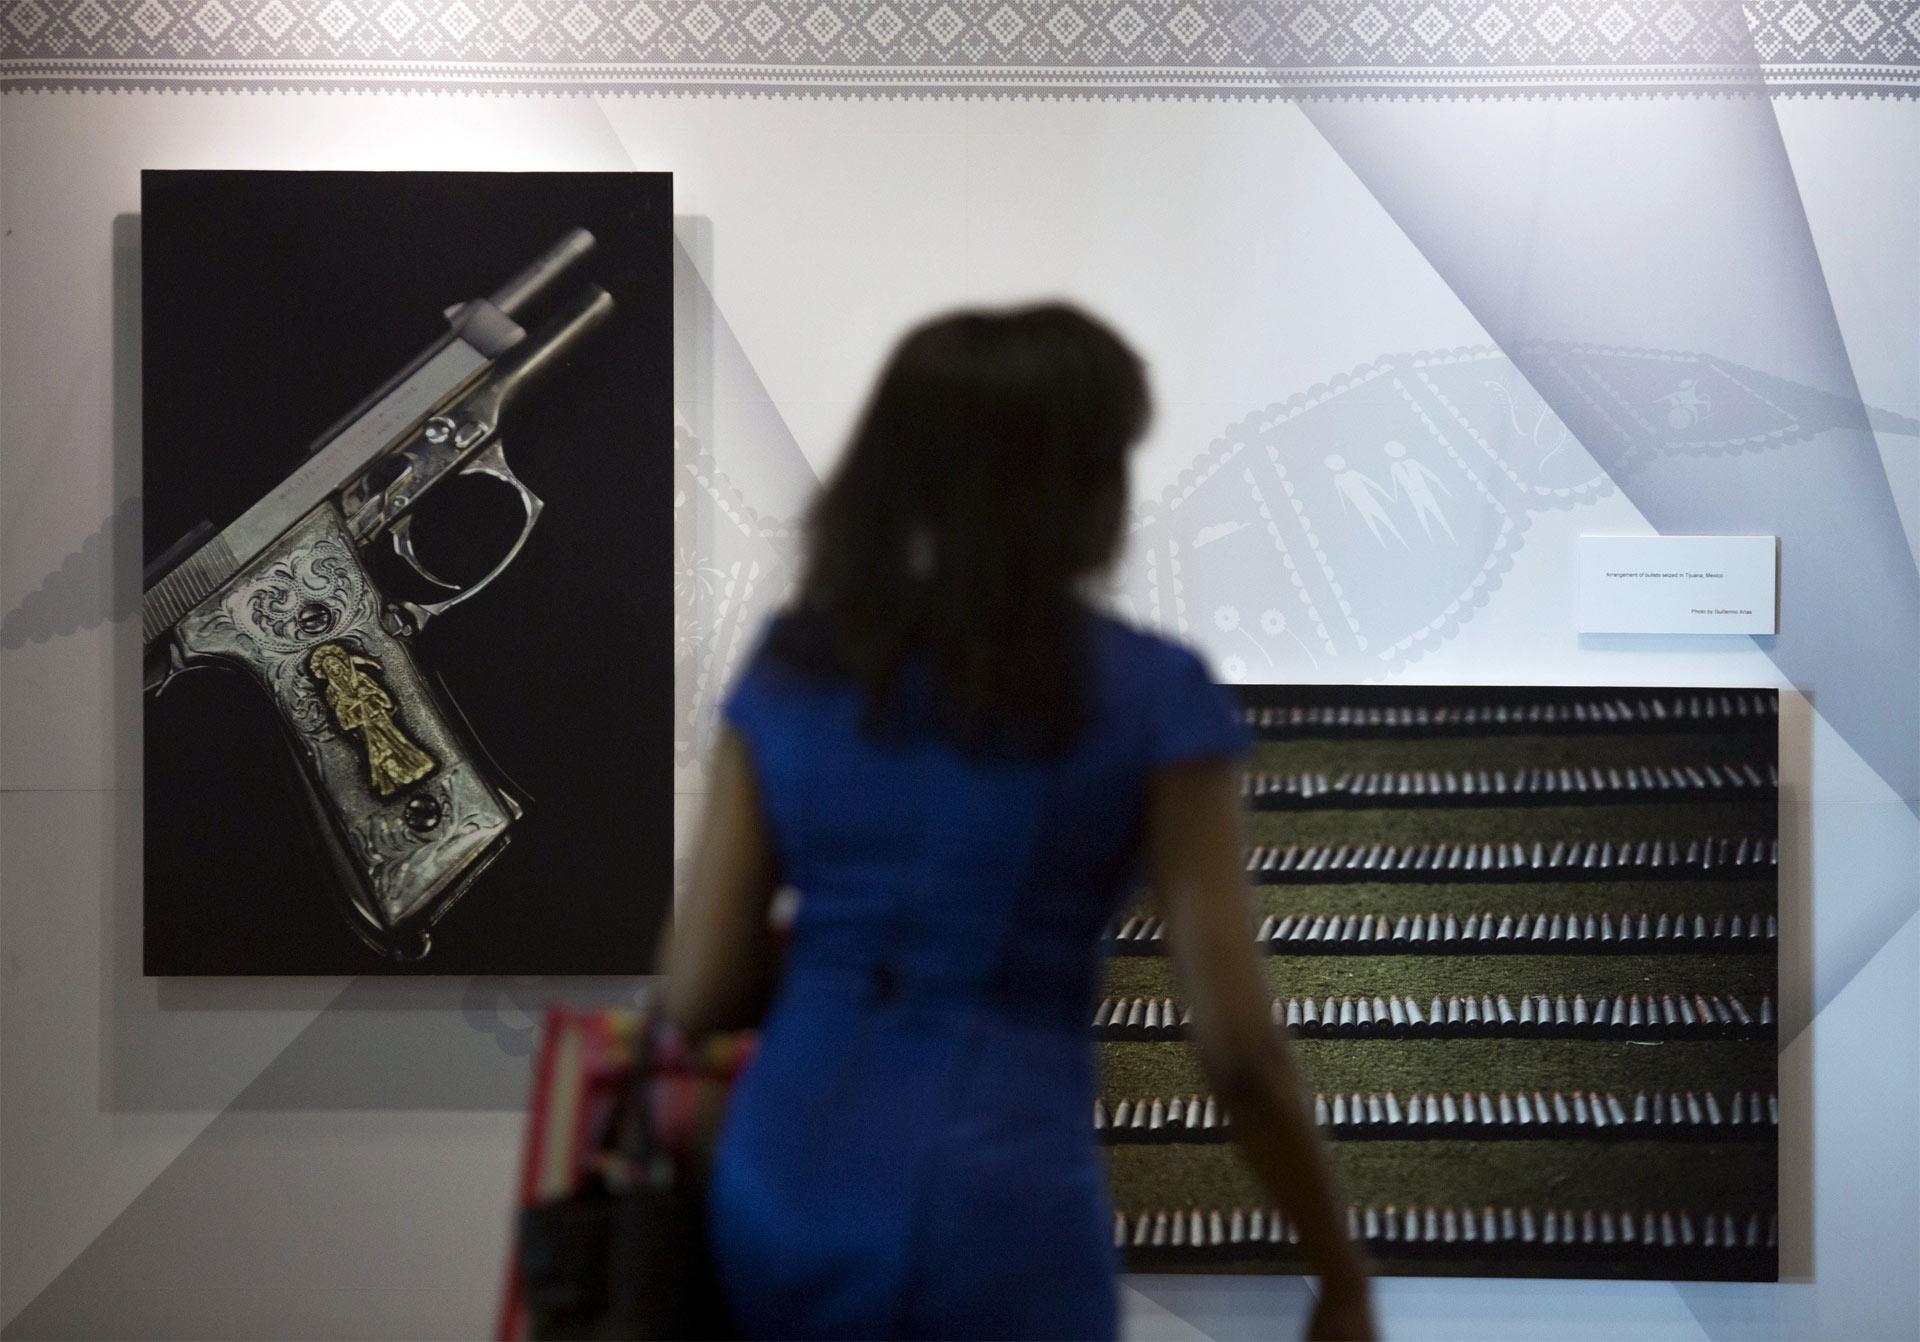 El tratado de armas obligaría a evaluar los riesgos sobre transporte de armas a países violentos